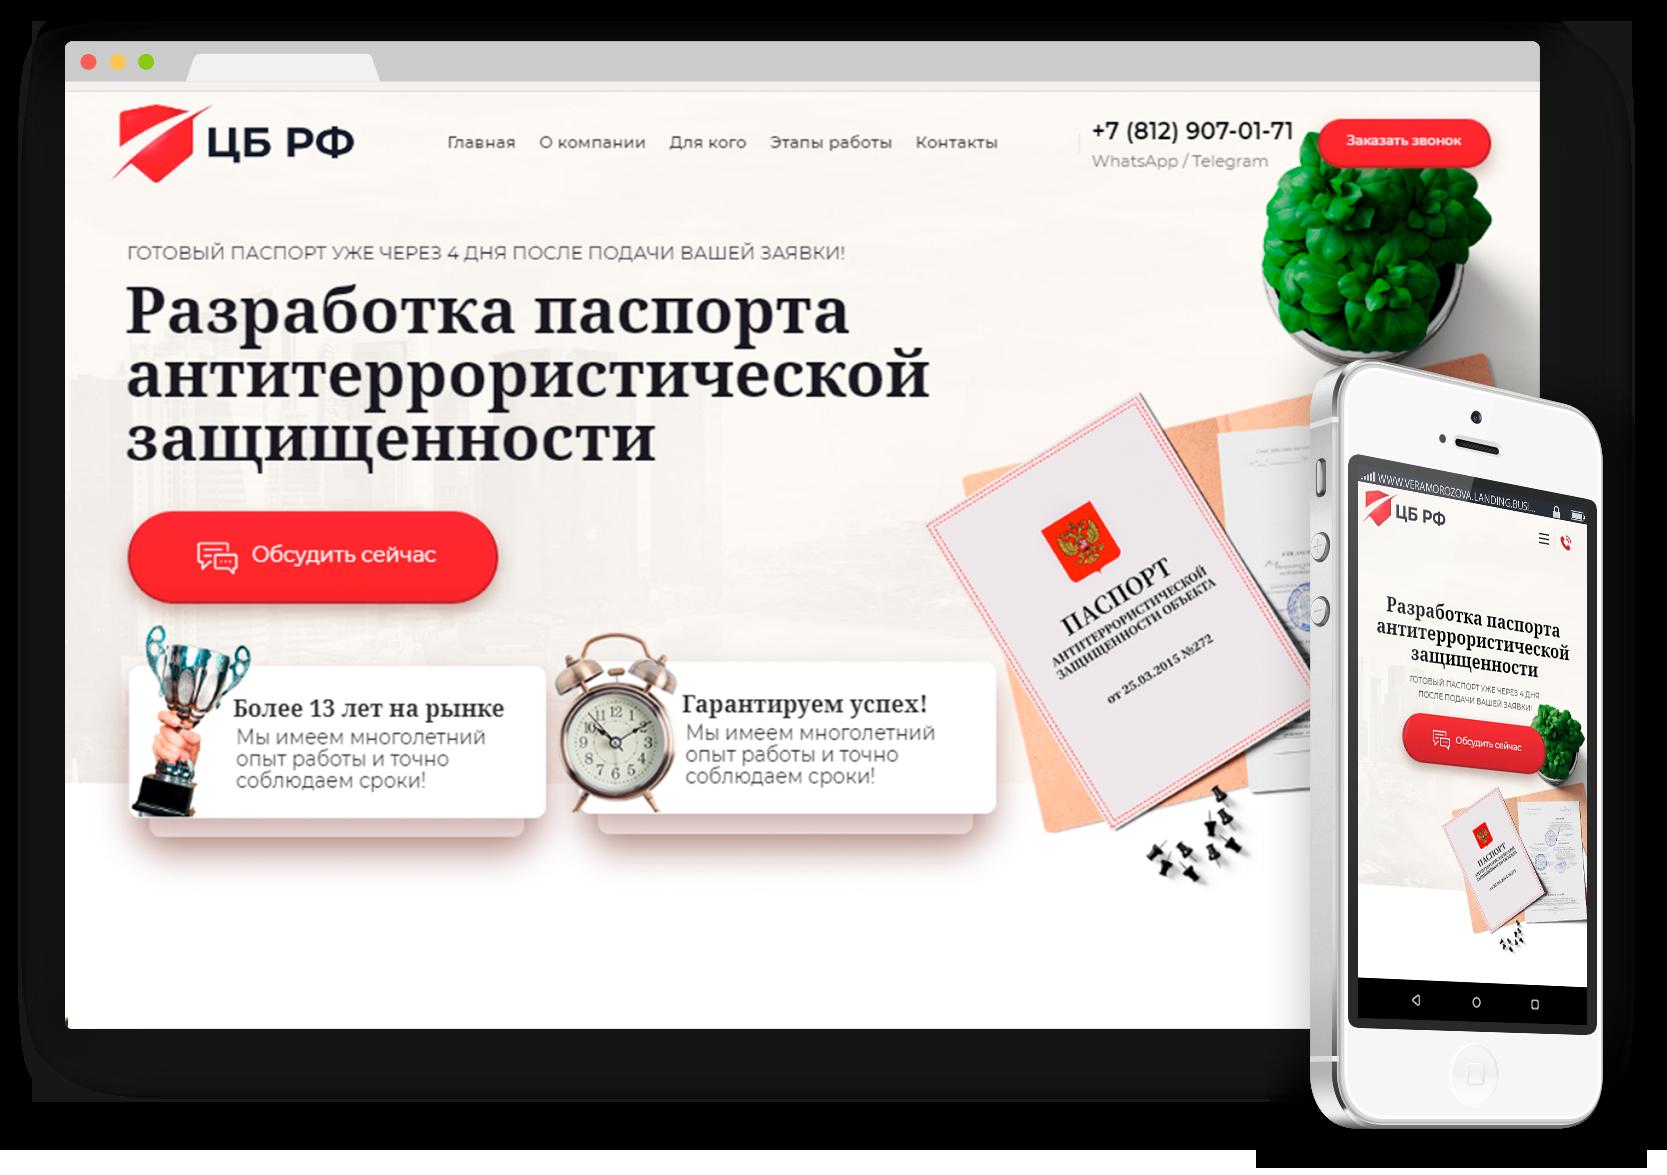 LANDING PAGE для компании ЦБ РФ